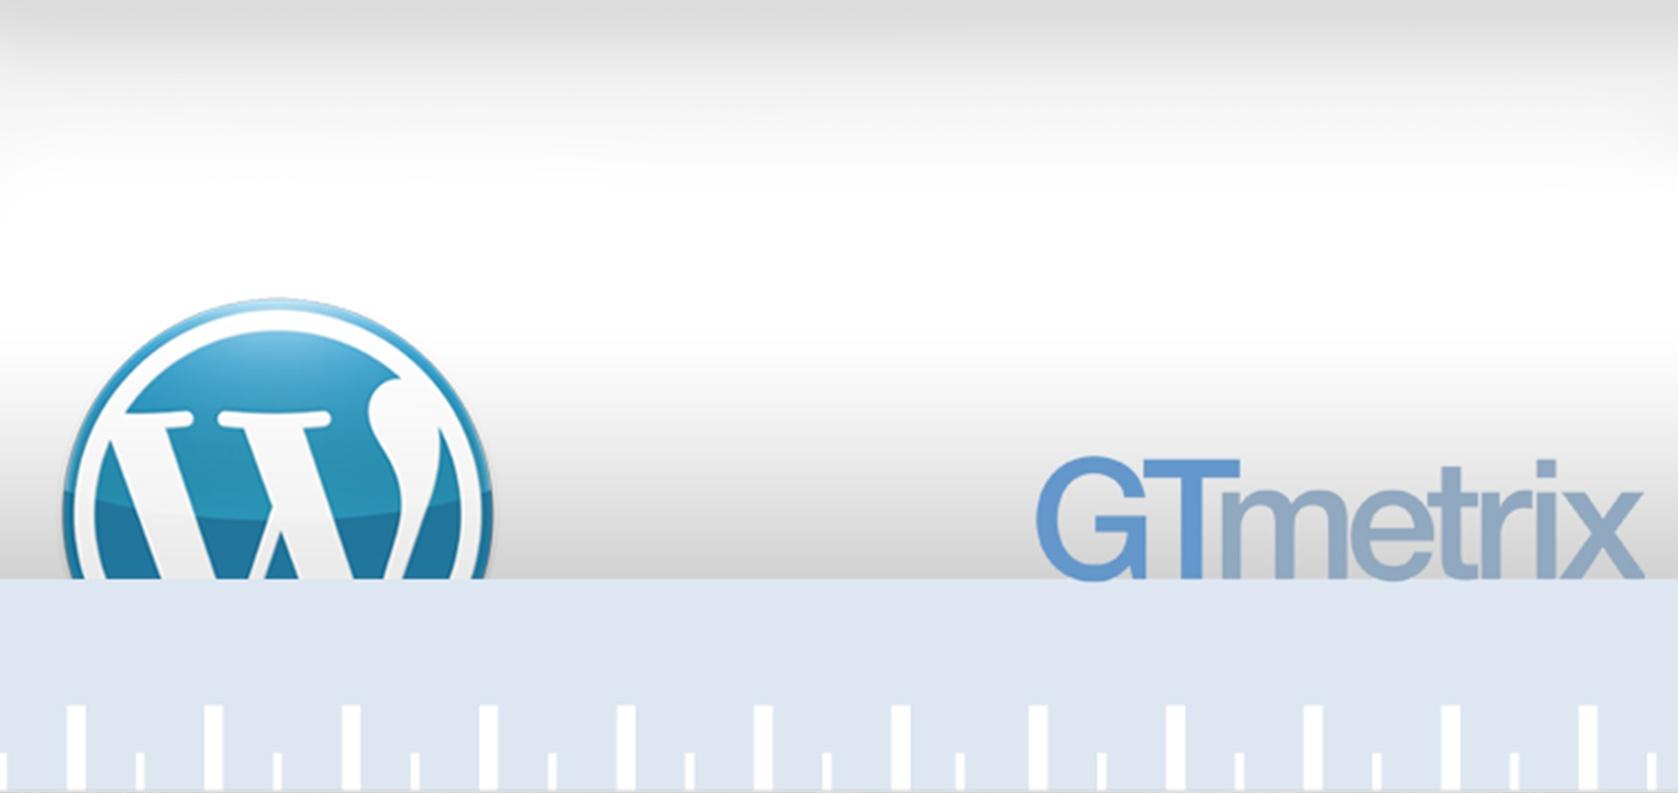 GTMetrix: ¿qué tan rápido es tu sitio web?